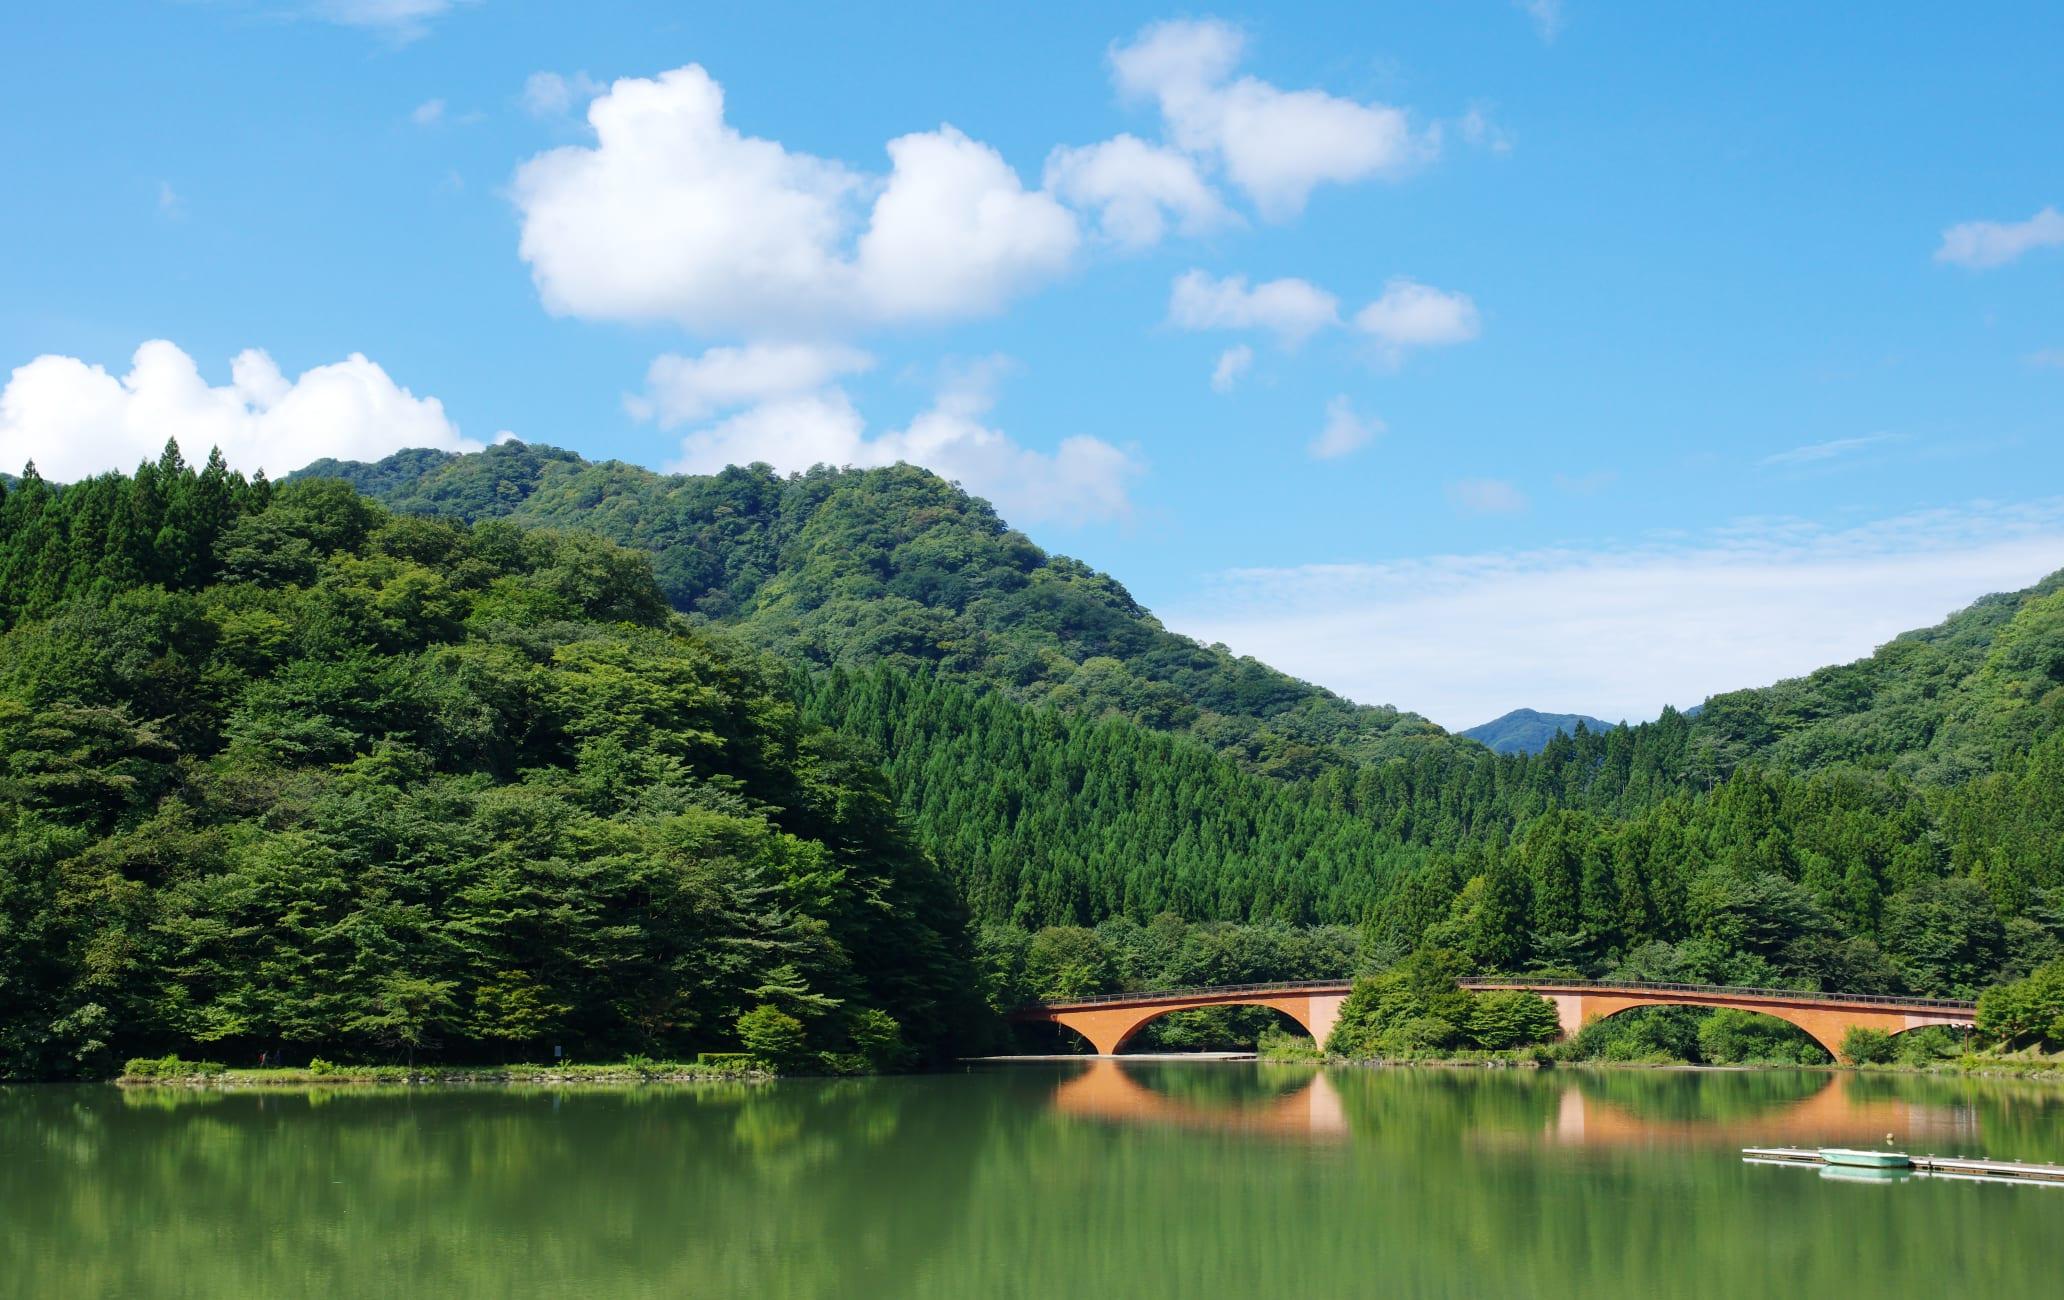 Lake Usui